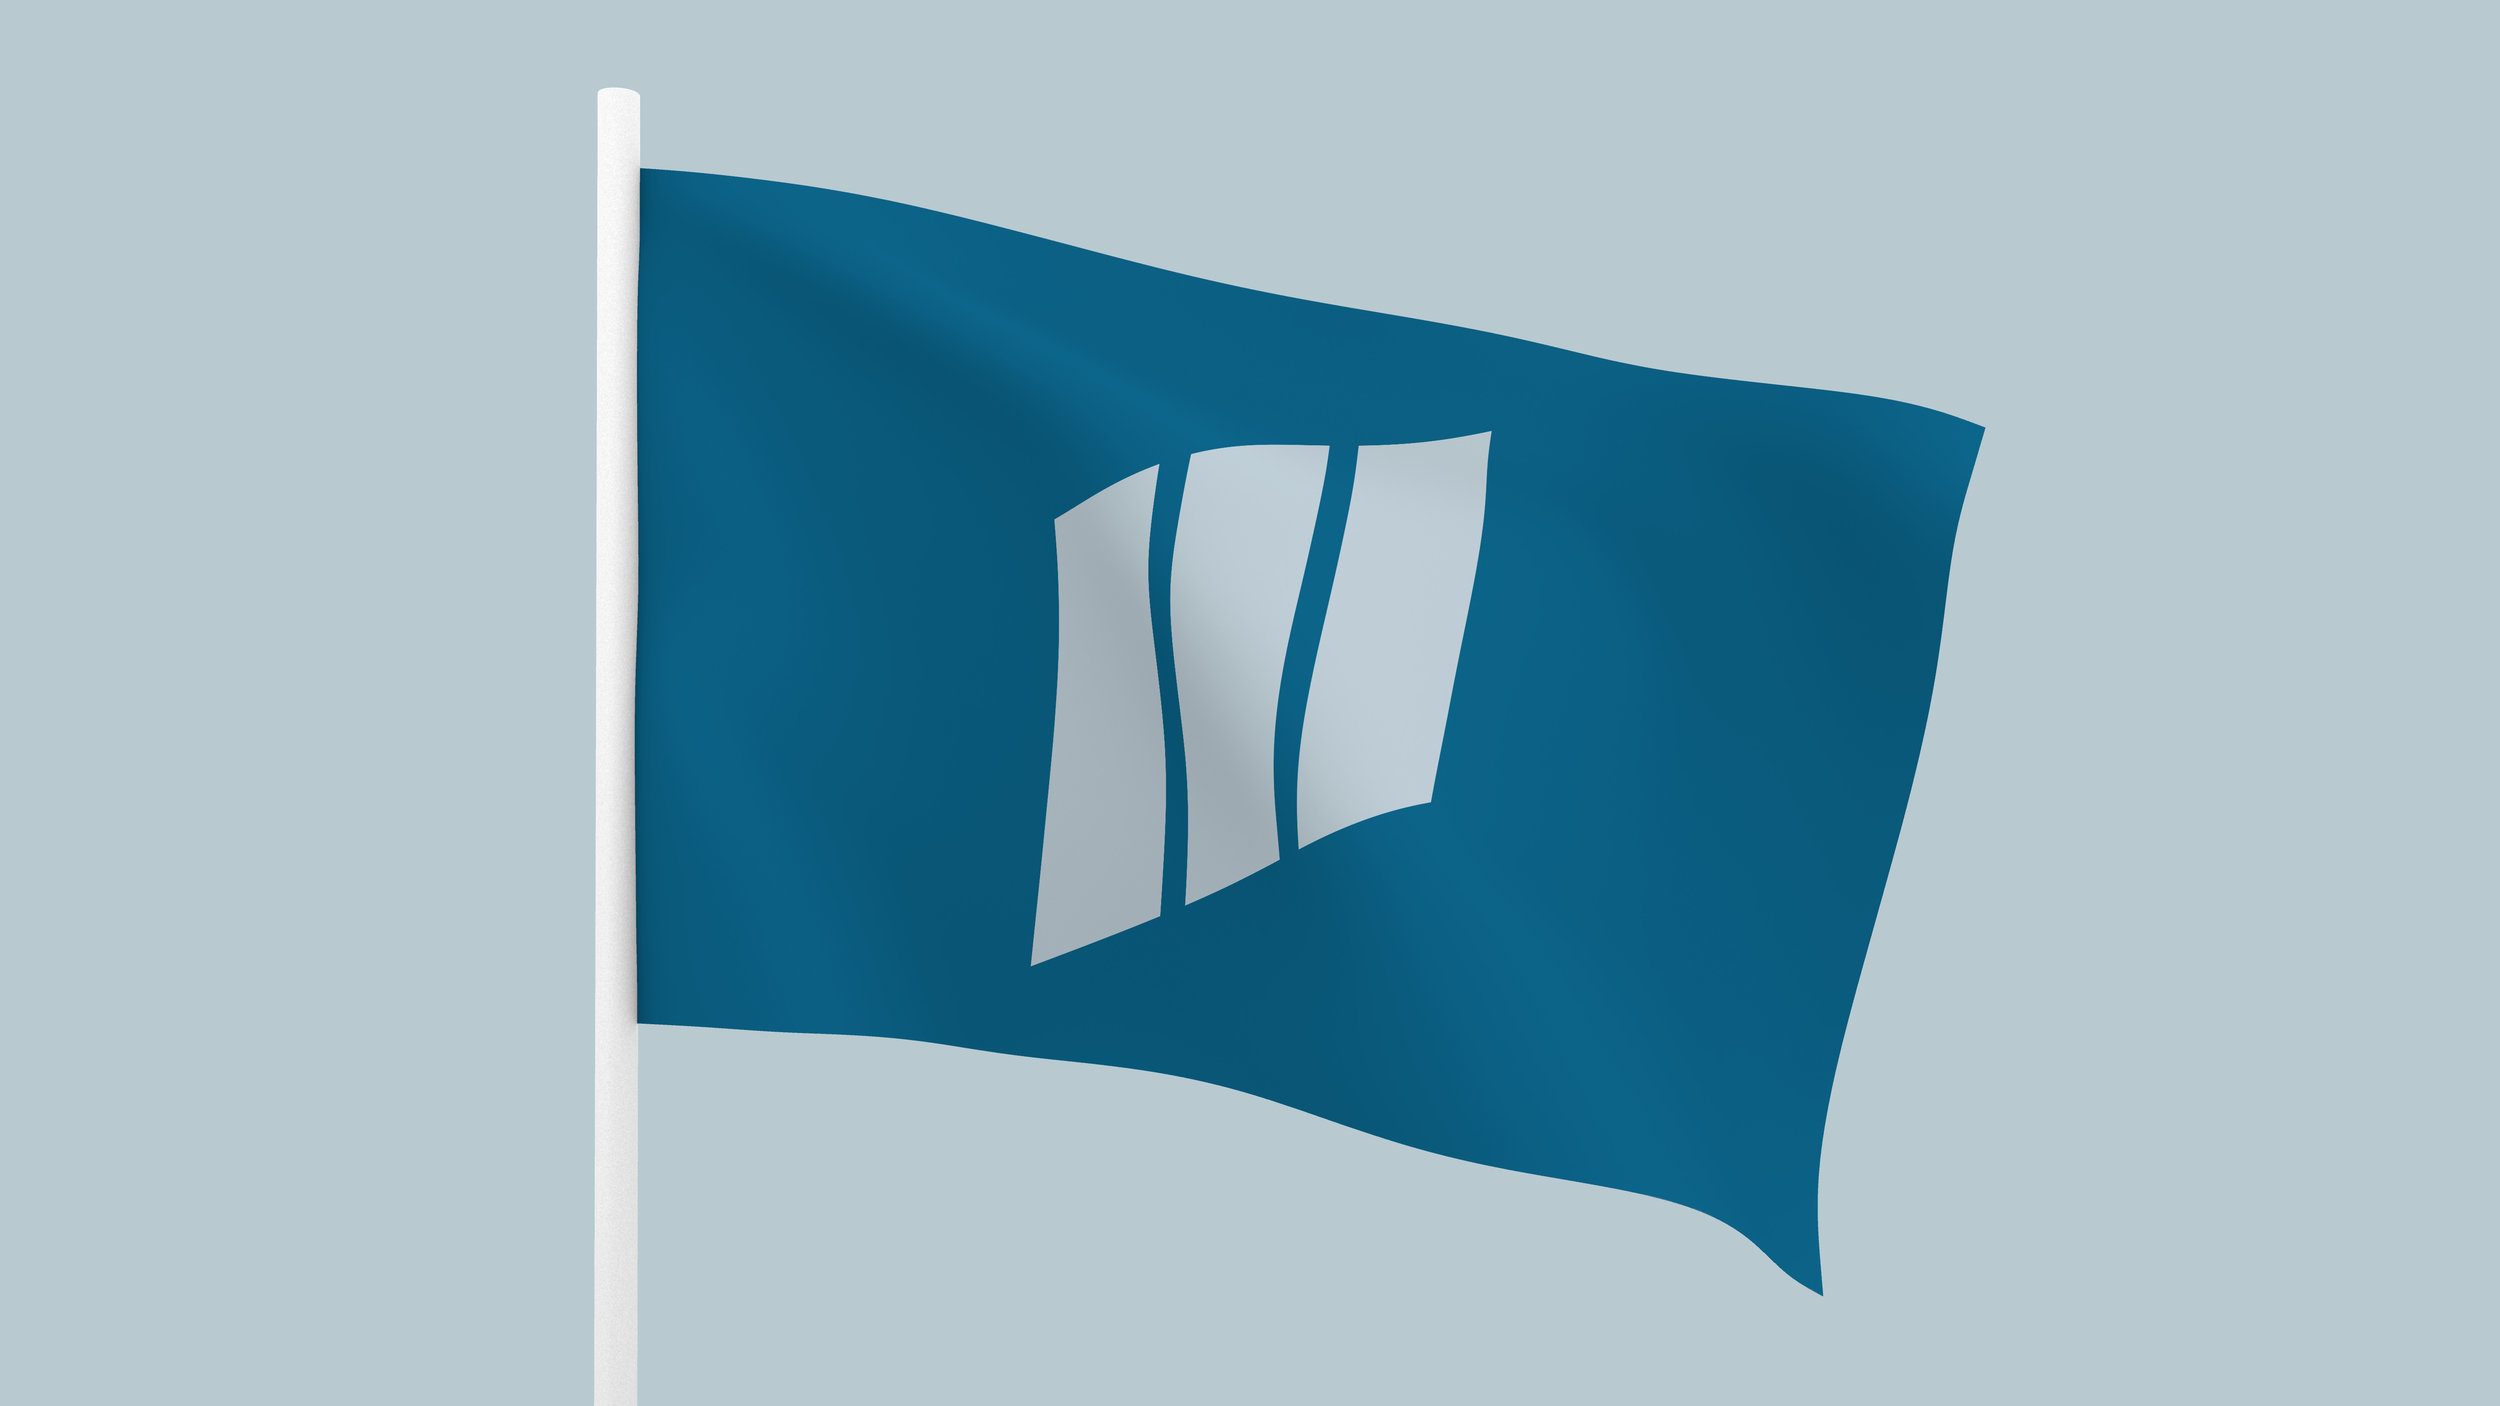 flying-m-logo.jpg